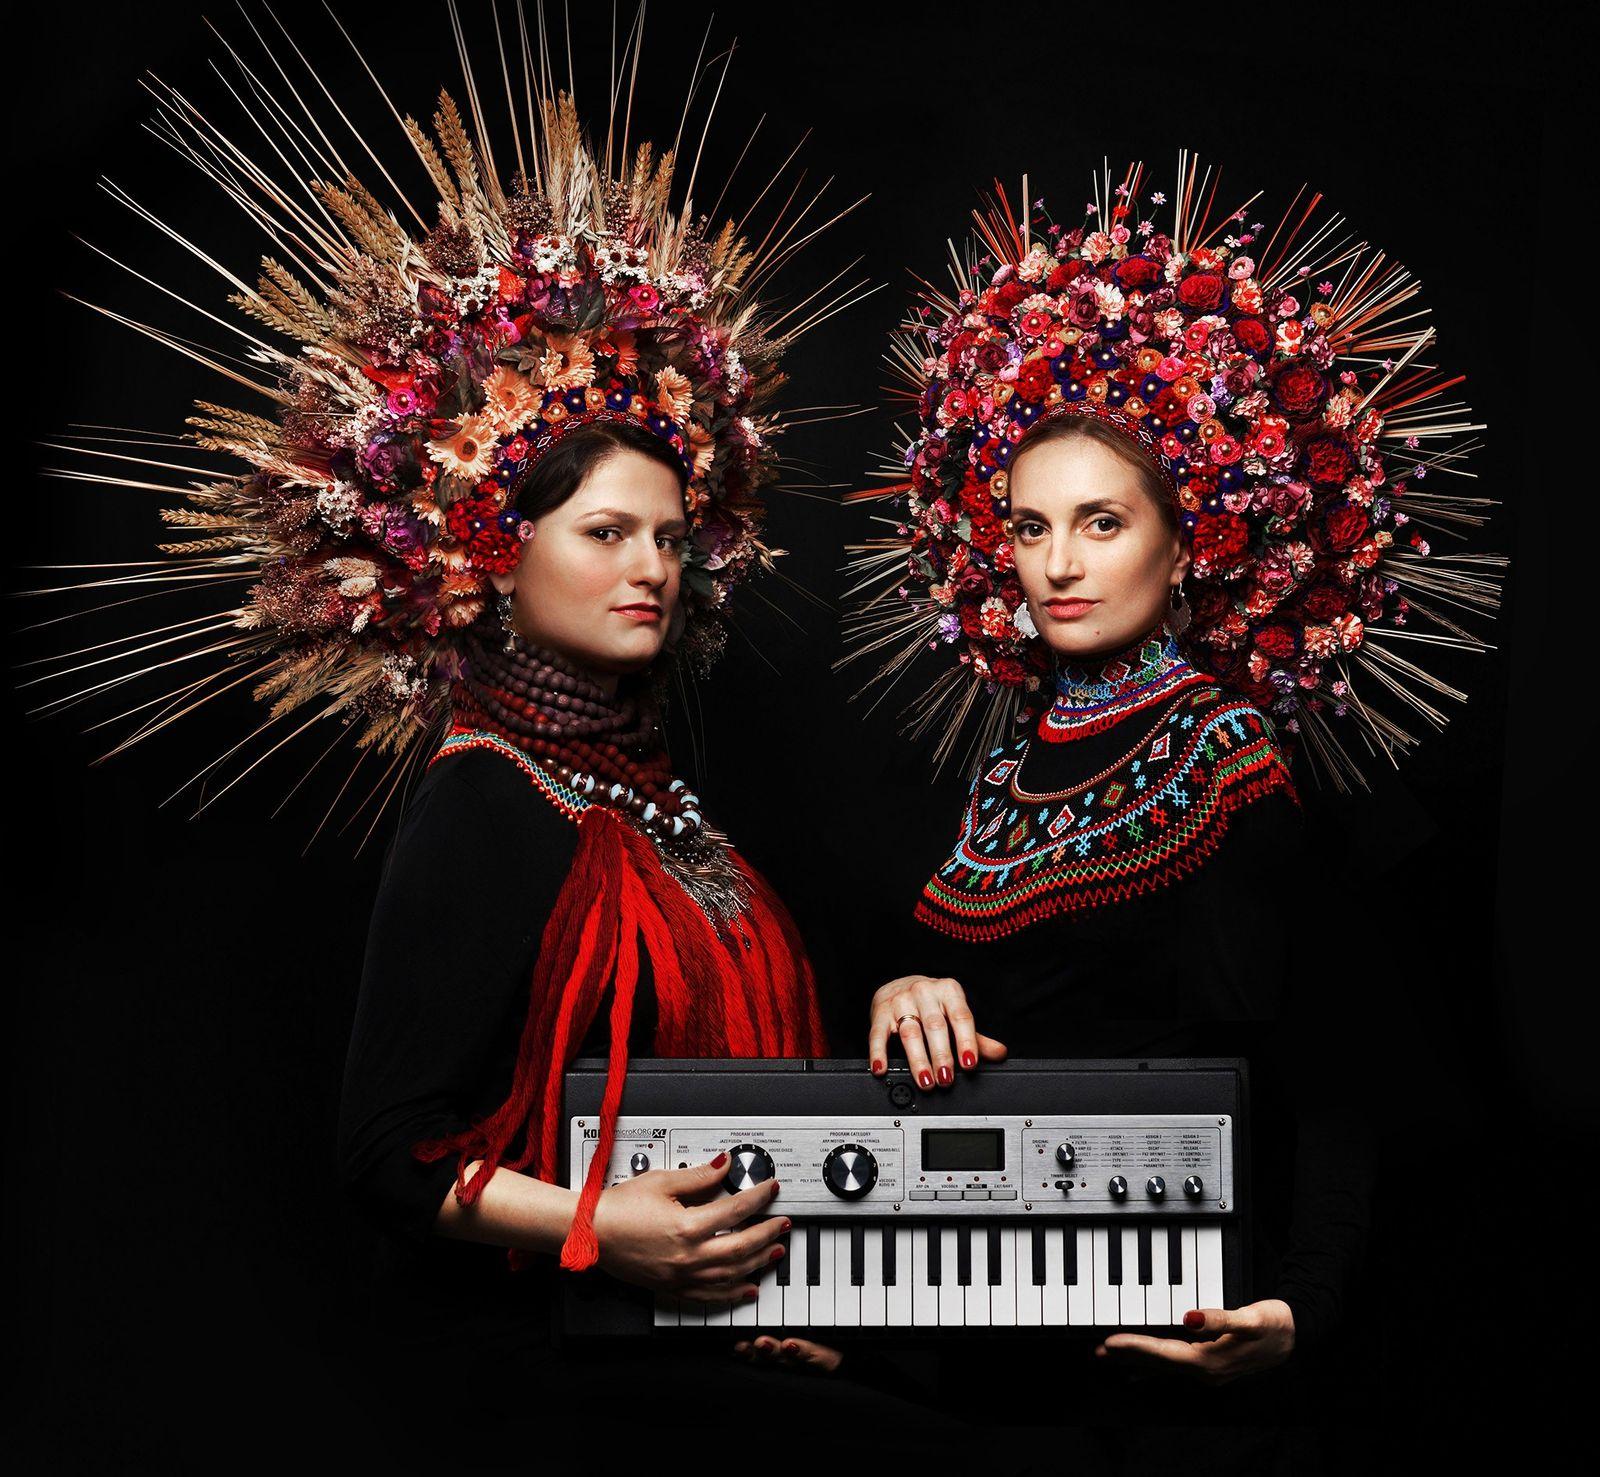 Daga Gregorowicz et Dana Vynnytska, membres du groupe polono-ukrainien DAGADANA, portent des couronnes de fleurs conçues par ...